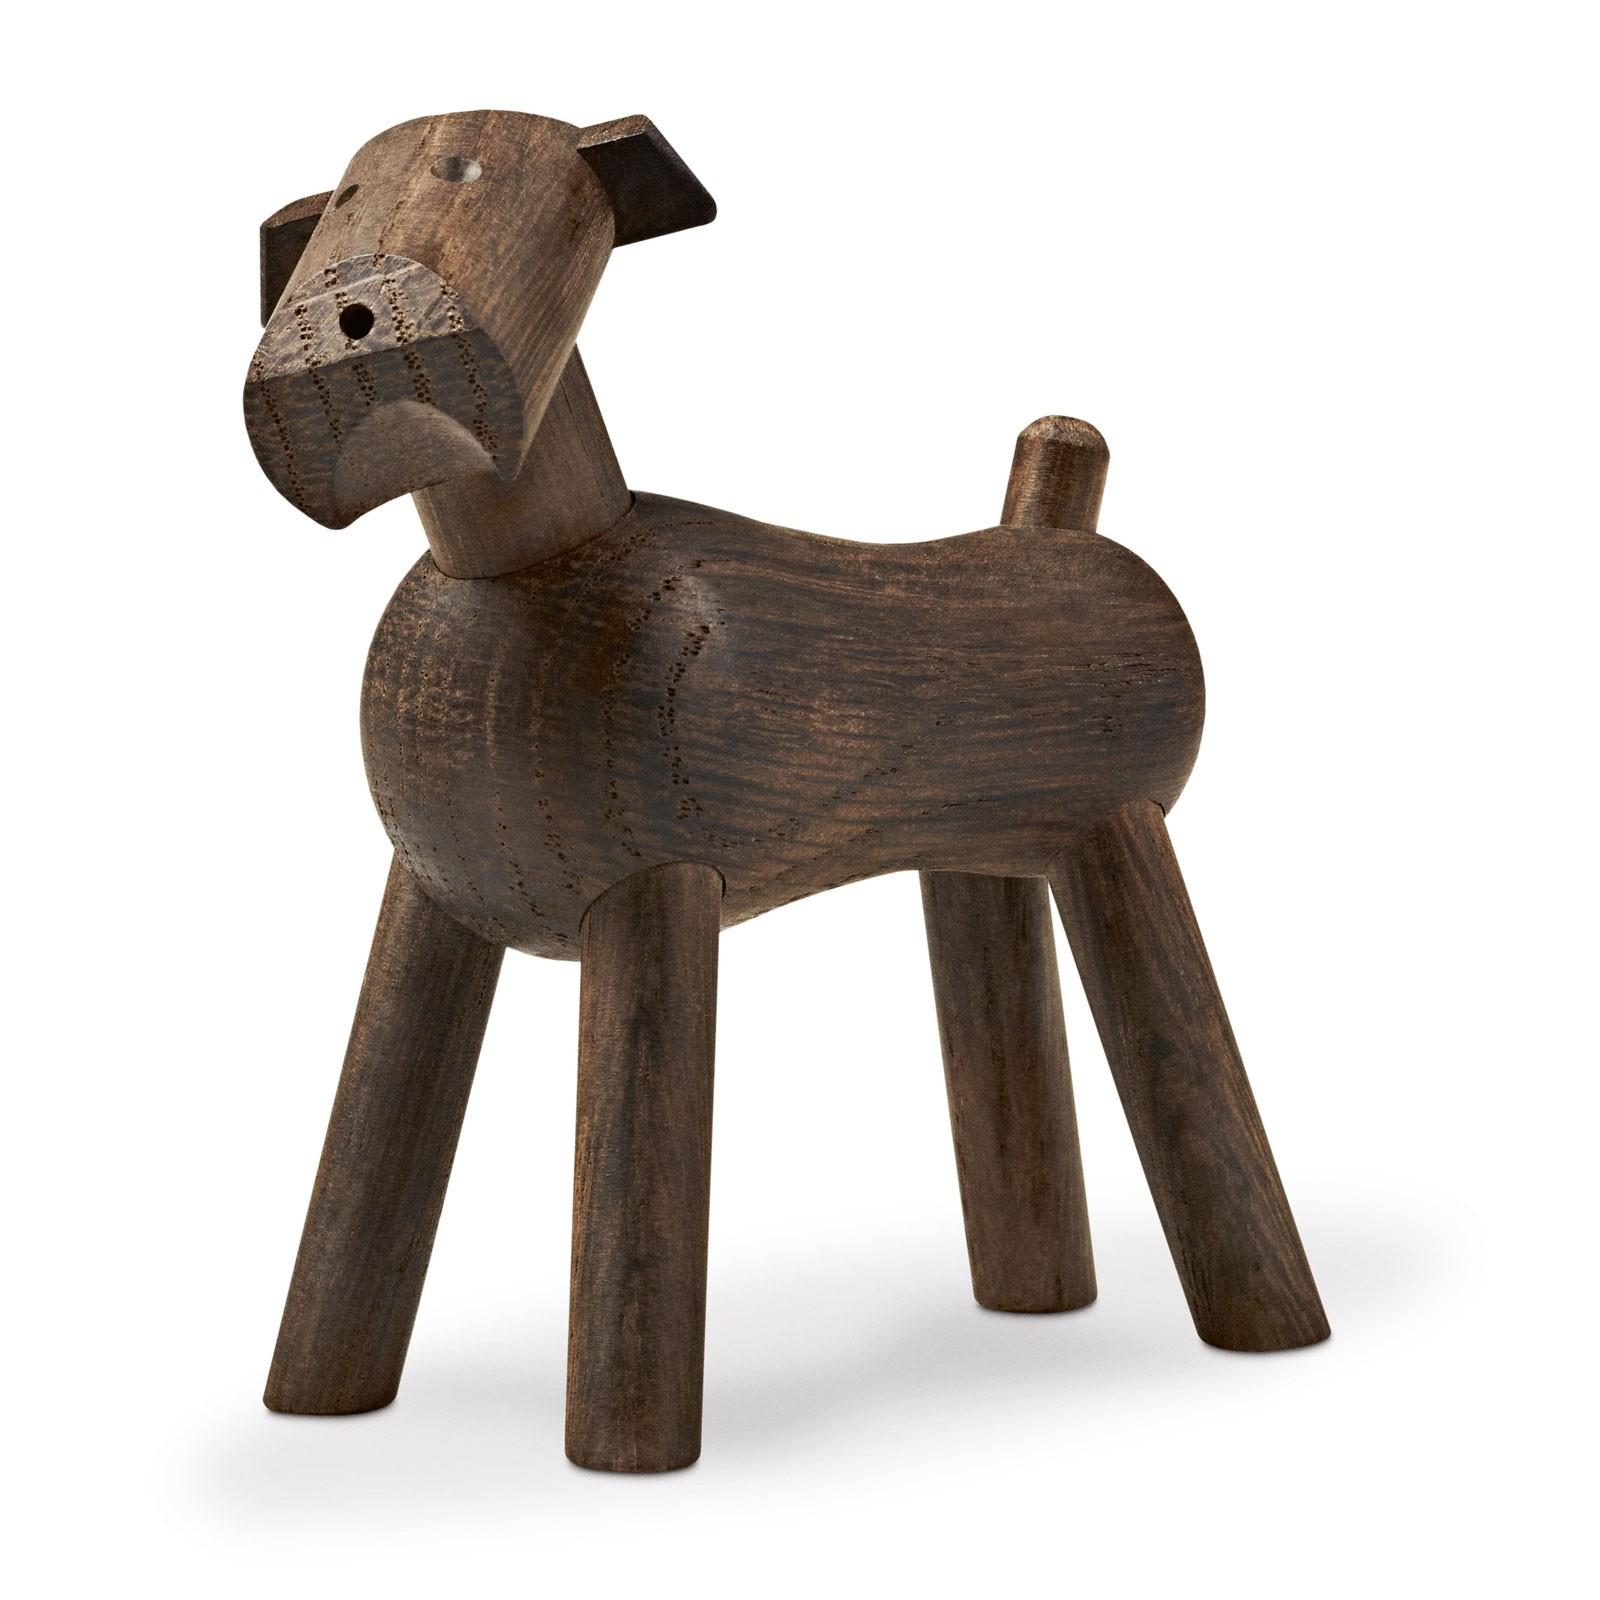 Holzfigur Hund Terrier Räuchereiche 7,5 cm Kay Bojesen TIM